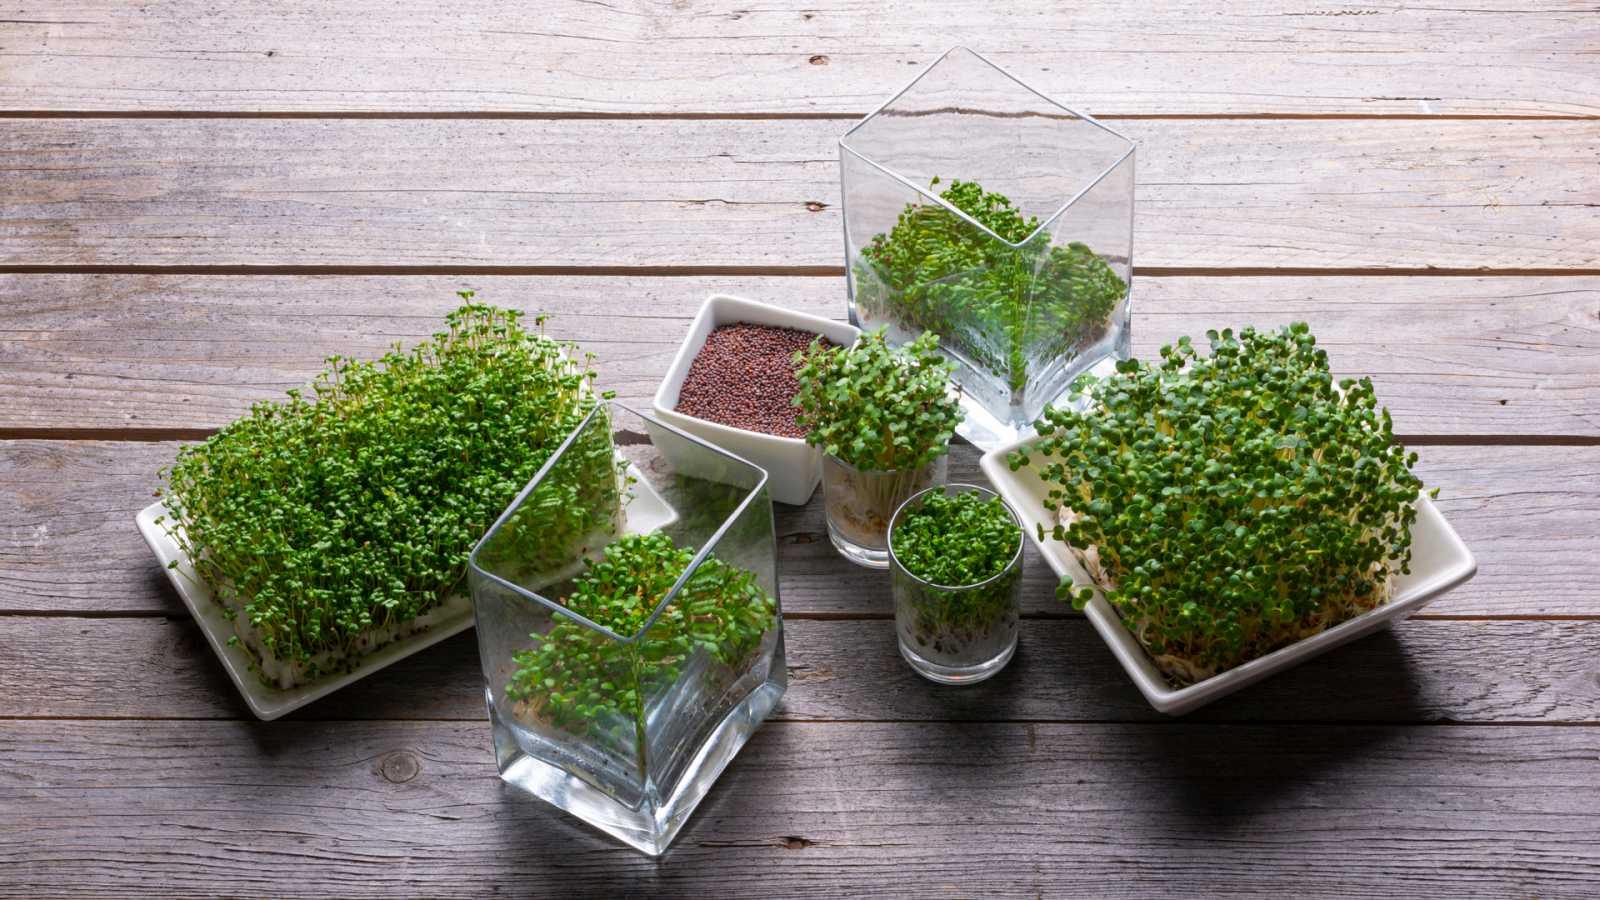 Aquí la Tierra - La mostaza: una semilla con múltiples usos